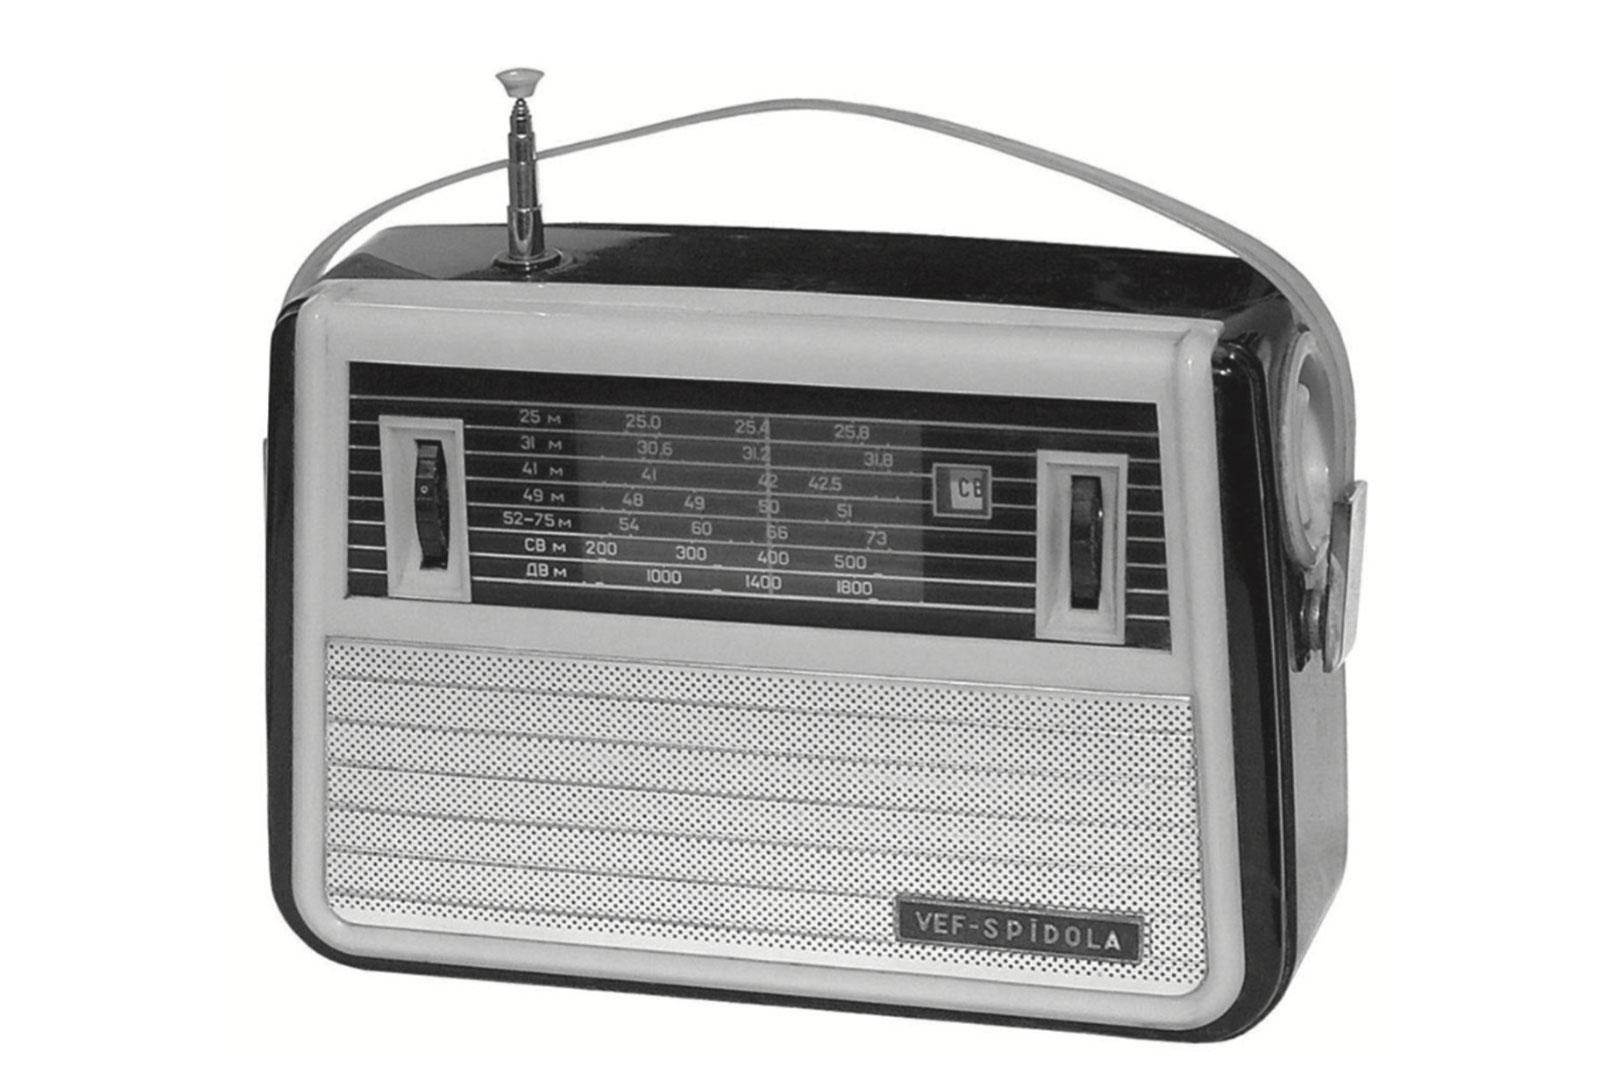 Коротковолновый радиоприемник «ВЭФ-Спидола» (Рижский радиозавод, начало выпуска — 1960 г.)